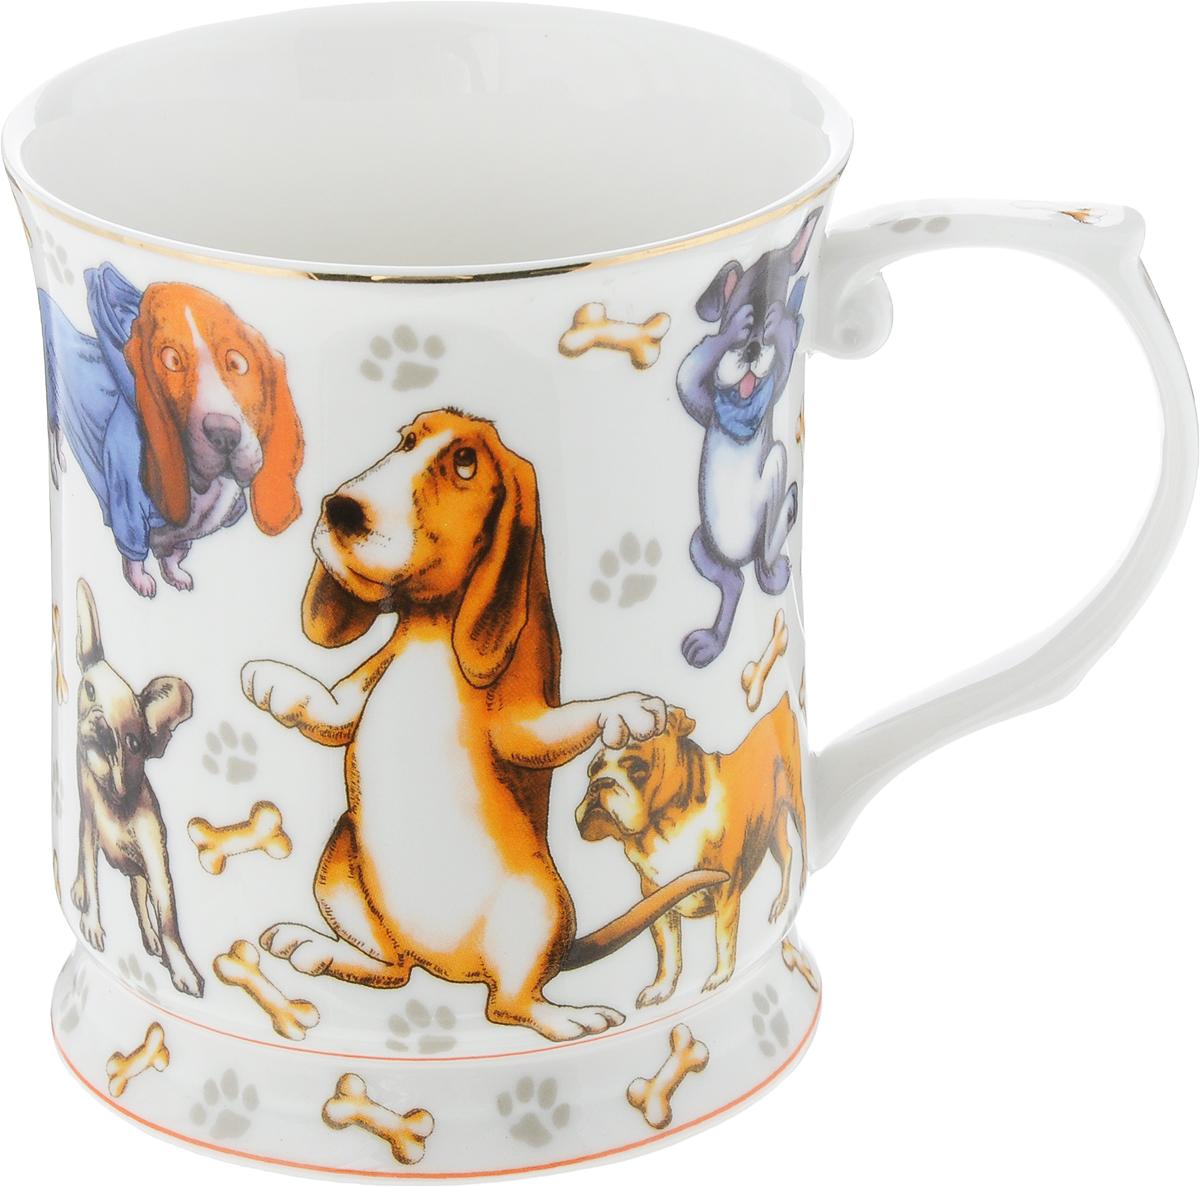 Кружка Elan Gallery Веселые собачки, 400 мл420044Оригинальная кружка Elan Gallery Веселые собачки выполнена из высококачественной керамики. Подойдет для чая, кофе и других напитков. Удобна в использовании благодаря устойчивой форме. Изделие имеет подарочную упаковку.Не рекомендуется применять абразивные моющие средства.Не рекомендуется использовать в микроволновой печи. Диаметр (по верхнему краю): 9 см.Высота: 10 см. Объем: 400 мл.